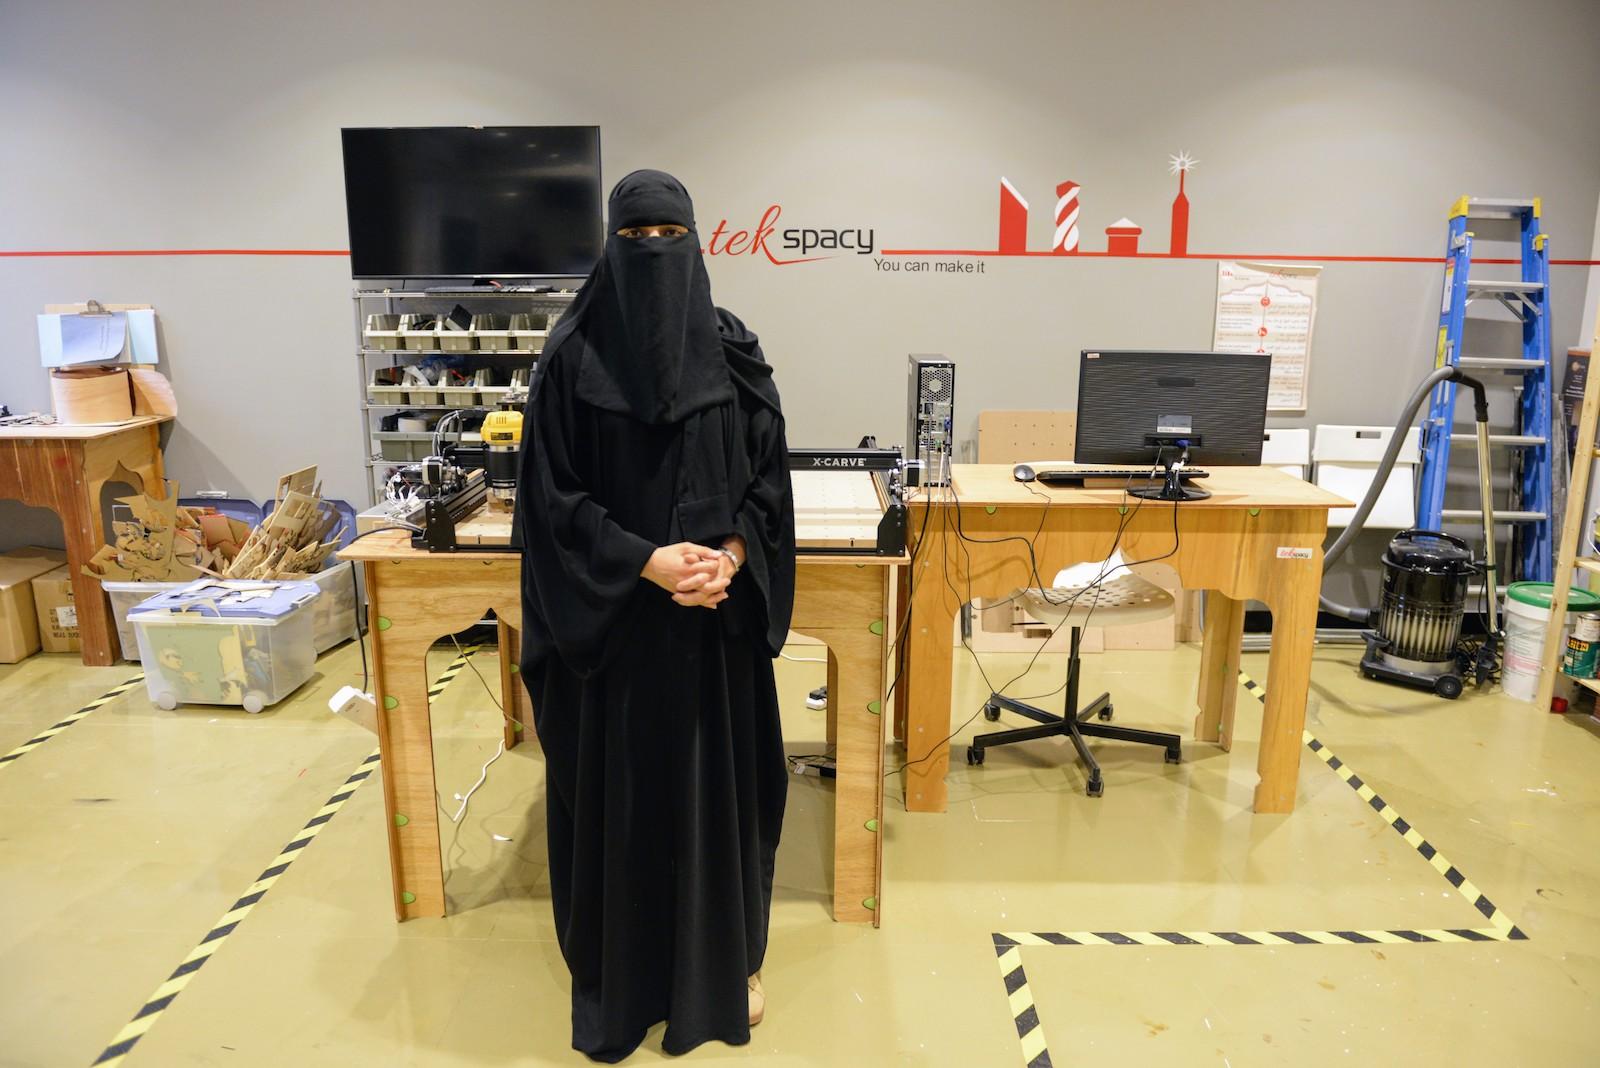 Take a Tour of TekSpacy, Riyadh's Women-Only Maker Space